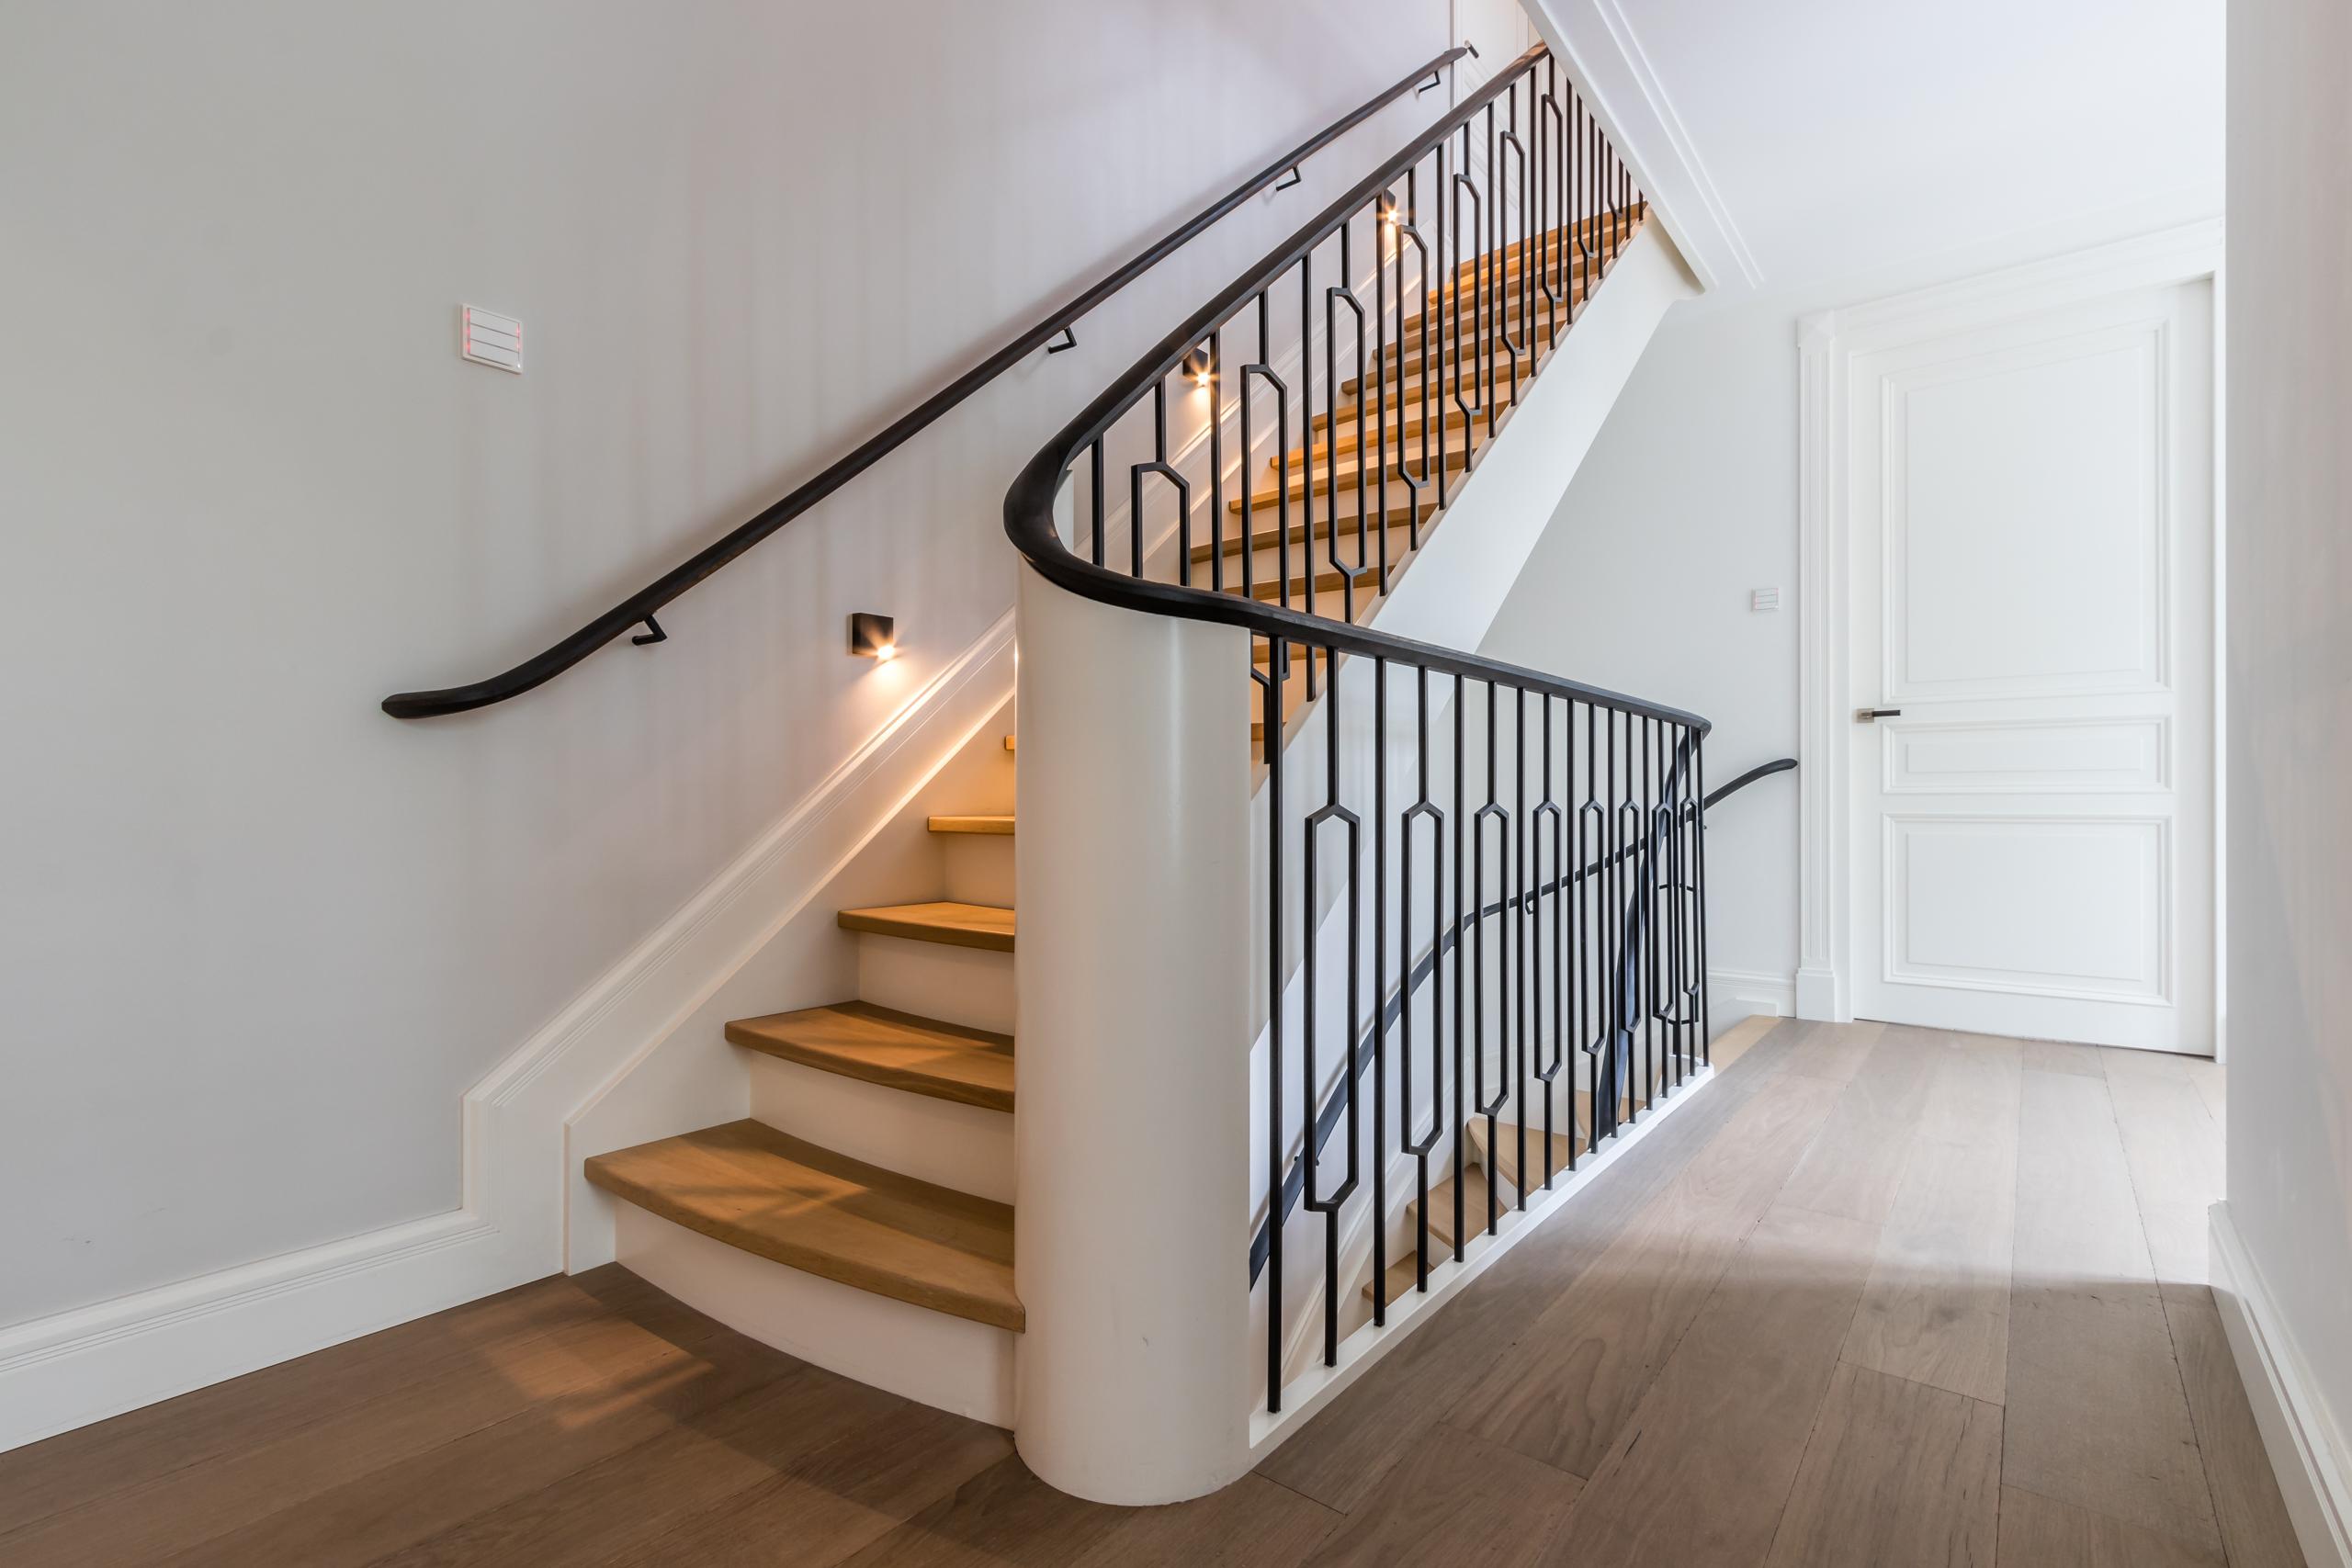 Van bruchem staircases klassieke houte trap met stalen hekwerk